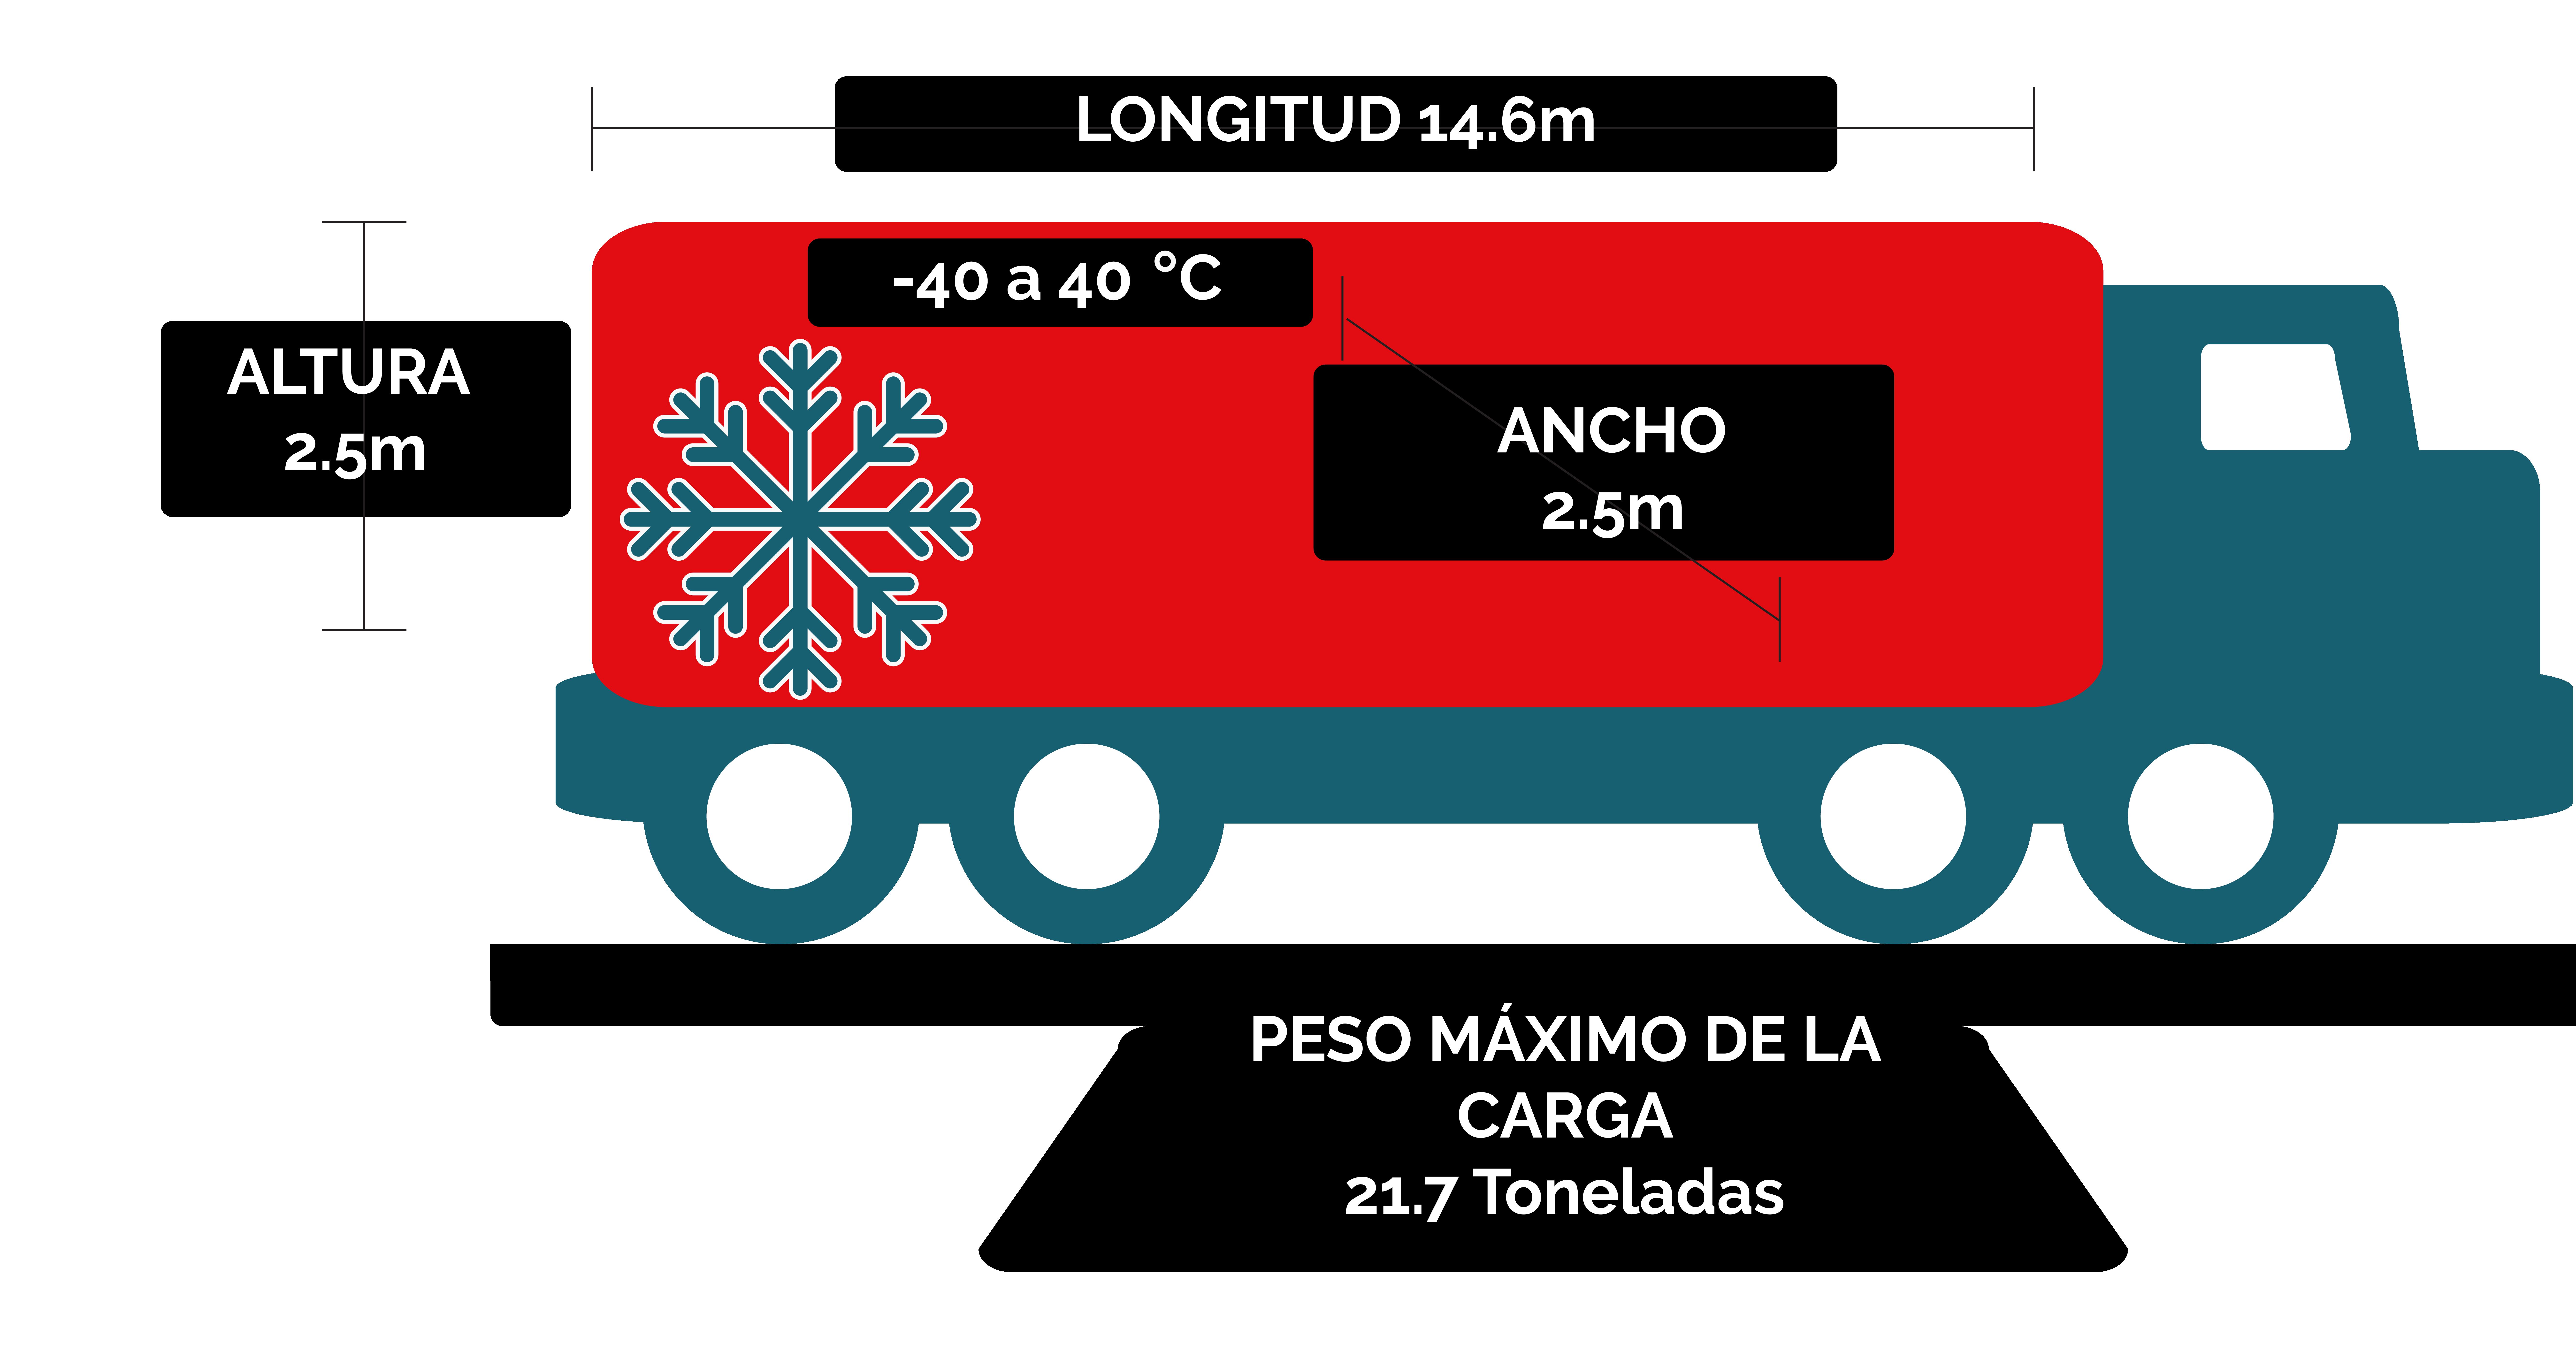 Transporte terrestre de carga refrigerado entre Mexico, Estados Unidos y Canada